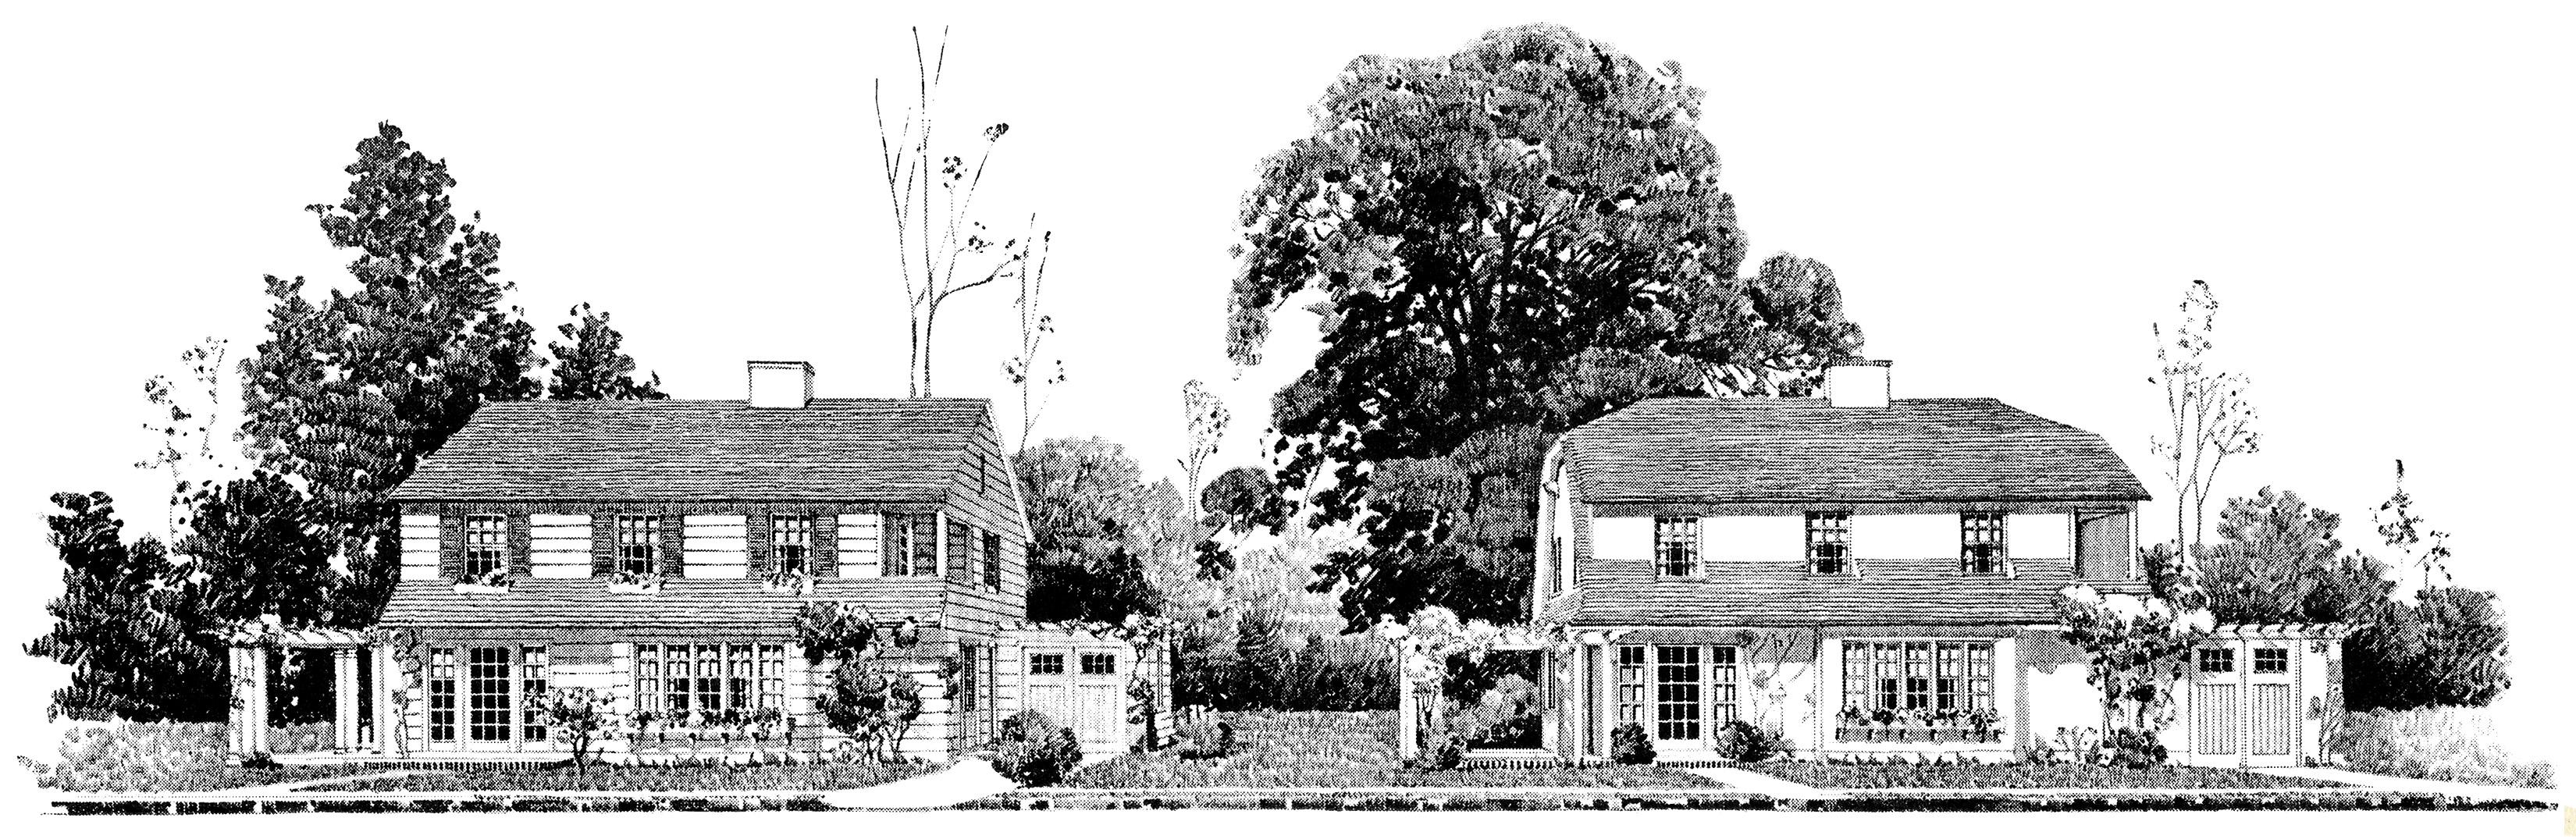 Vintage home clipart vector download Vintage Homes with Attached Garages - Old Design Shop Blog vector download